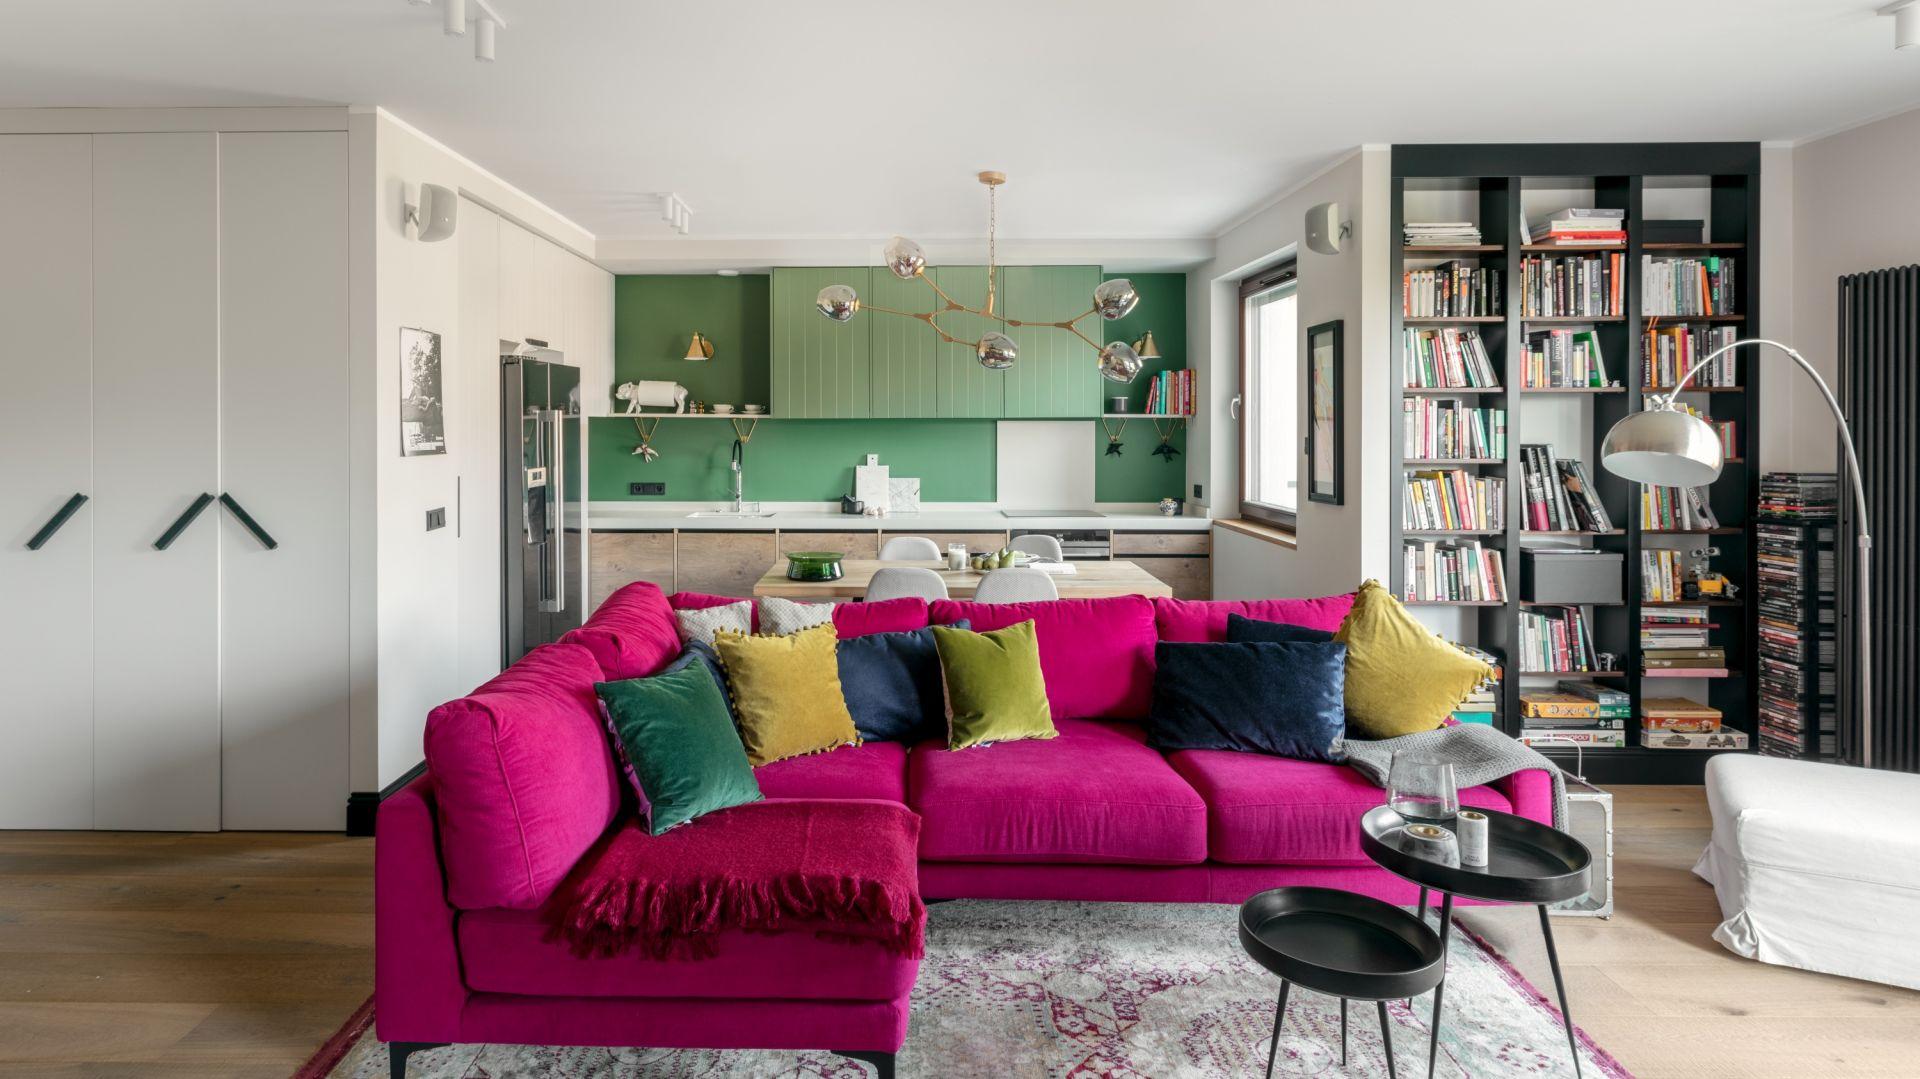 Mieszkanie pełne kolorów - piękny apartament we Wrocławiu. Projekt Finchstudio. Fot. Aleksandra Dermont Ayuko Studio